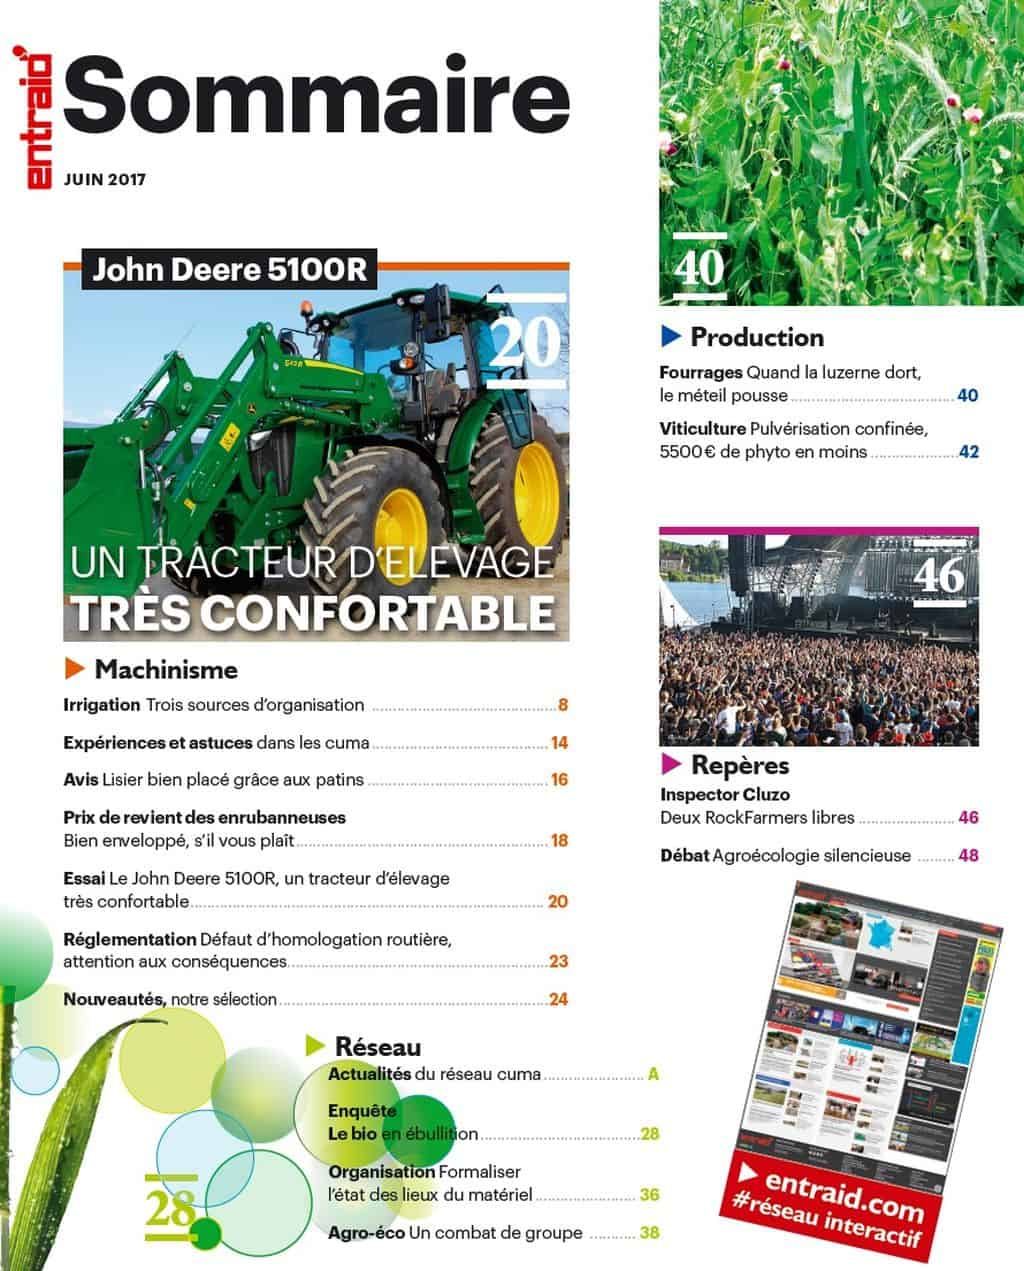 Sommaire-magazine-Entraid-juin-2017-machinisme-expériences-astuces-cuma-essai-John-Deere-réglementation